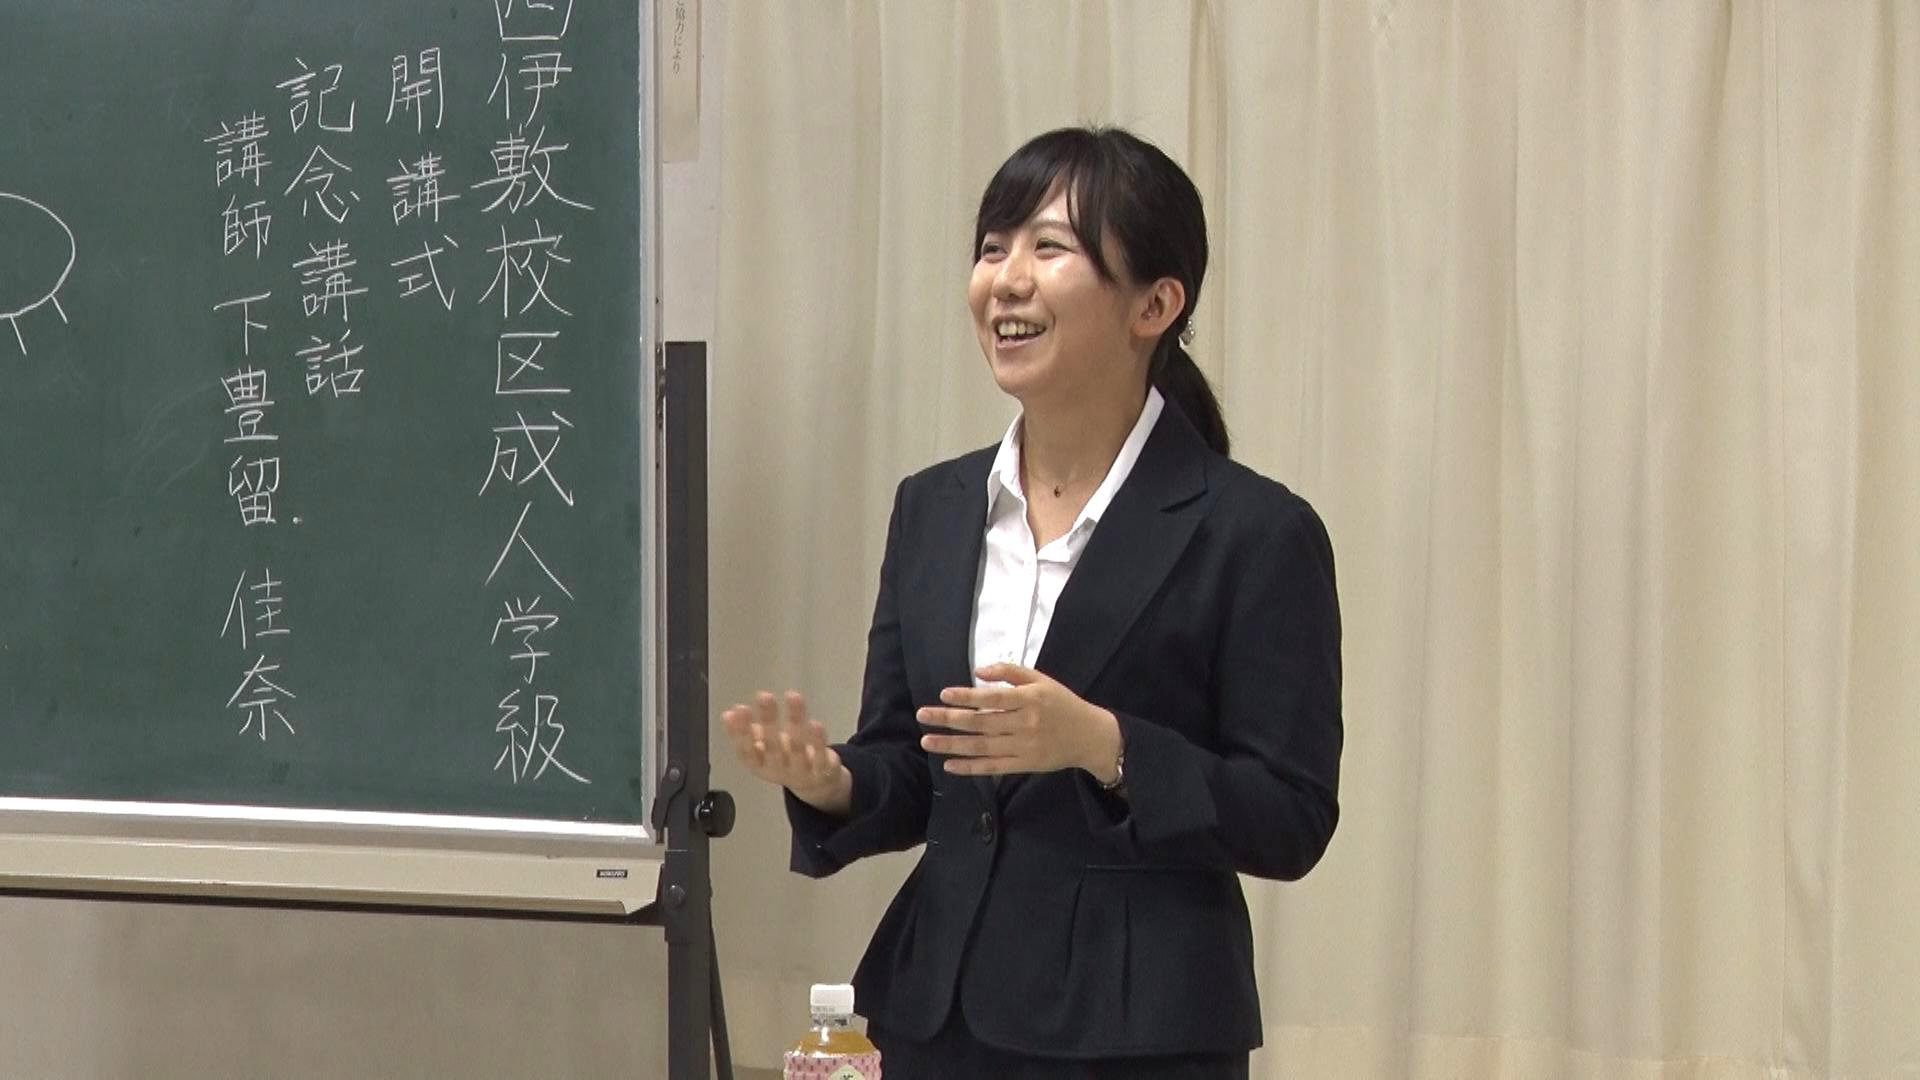 1月10日(日)10:00~新 窓をあけて九州『きばいやんせ!令和のさつまおごじょ』